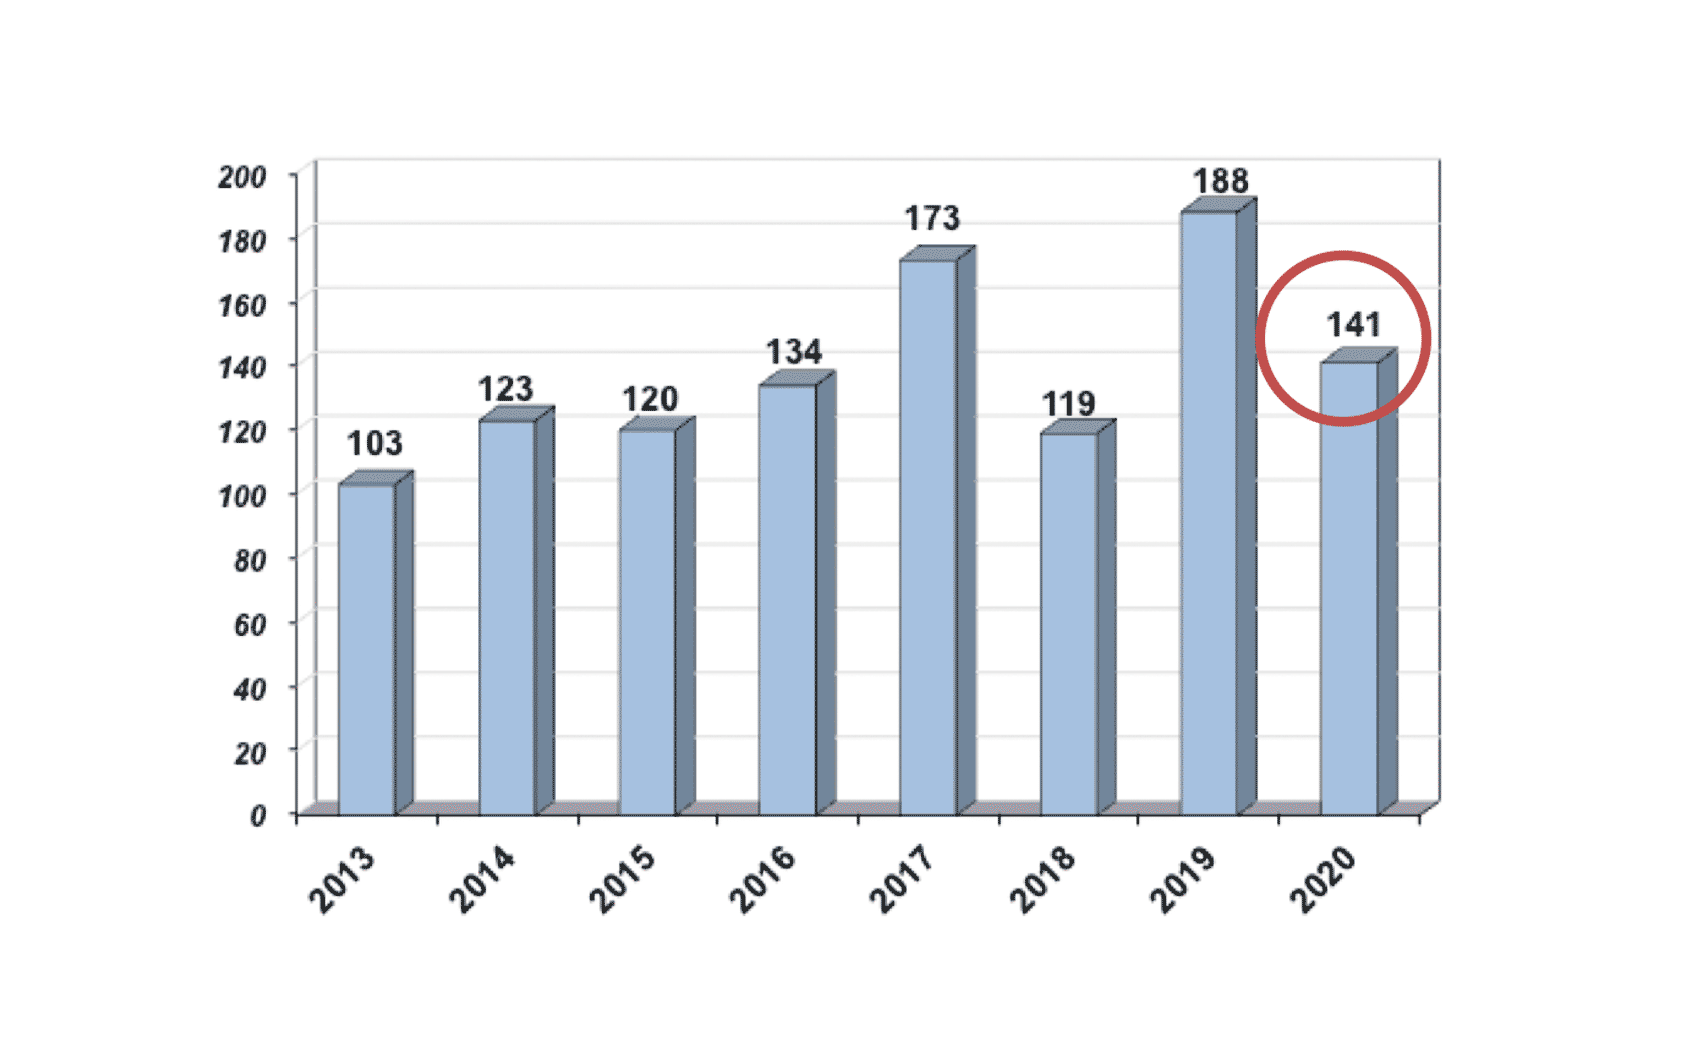 Gráfico Número total de donantes de órganos en Chile por año (2013-2020). Fuente: Coordinación Nacional de Donación, Procuramiento y Trasplante/Minsal